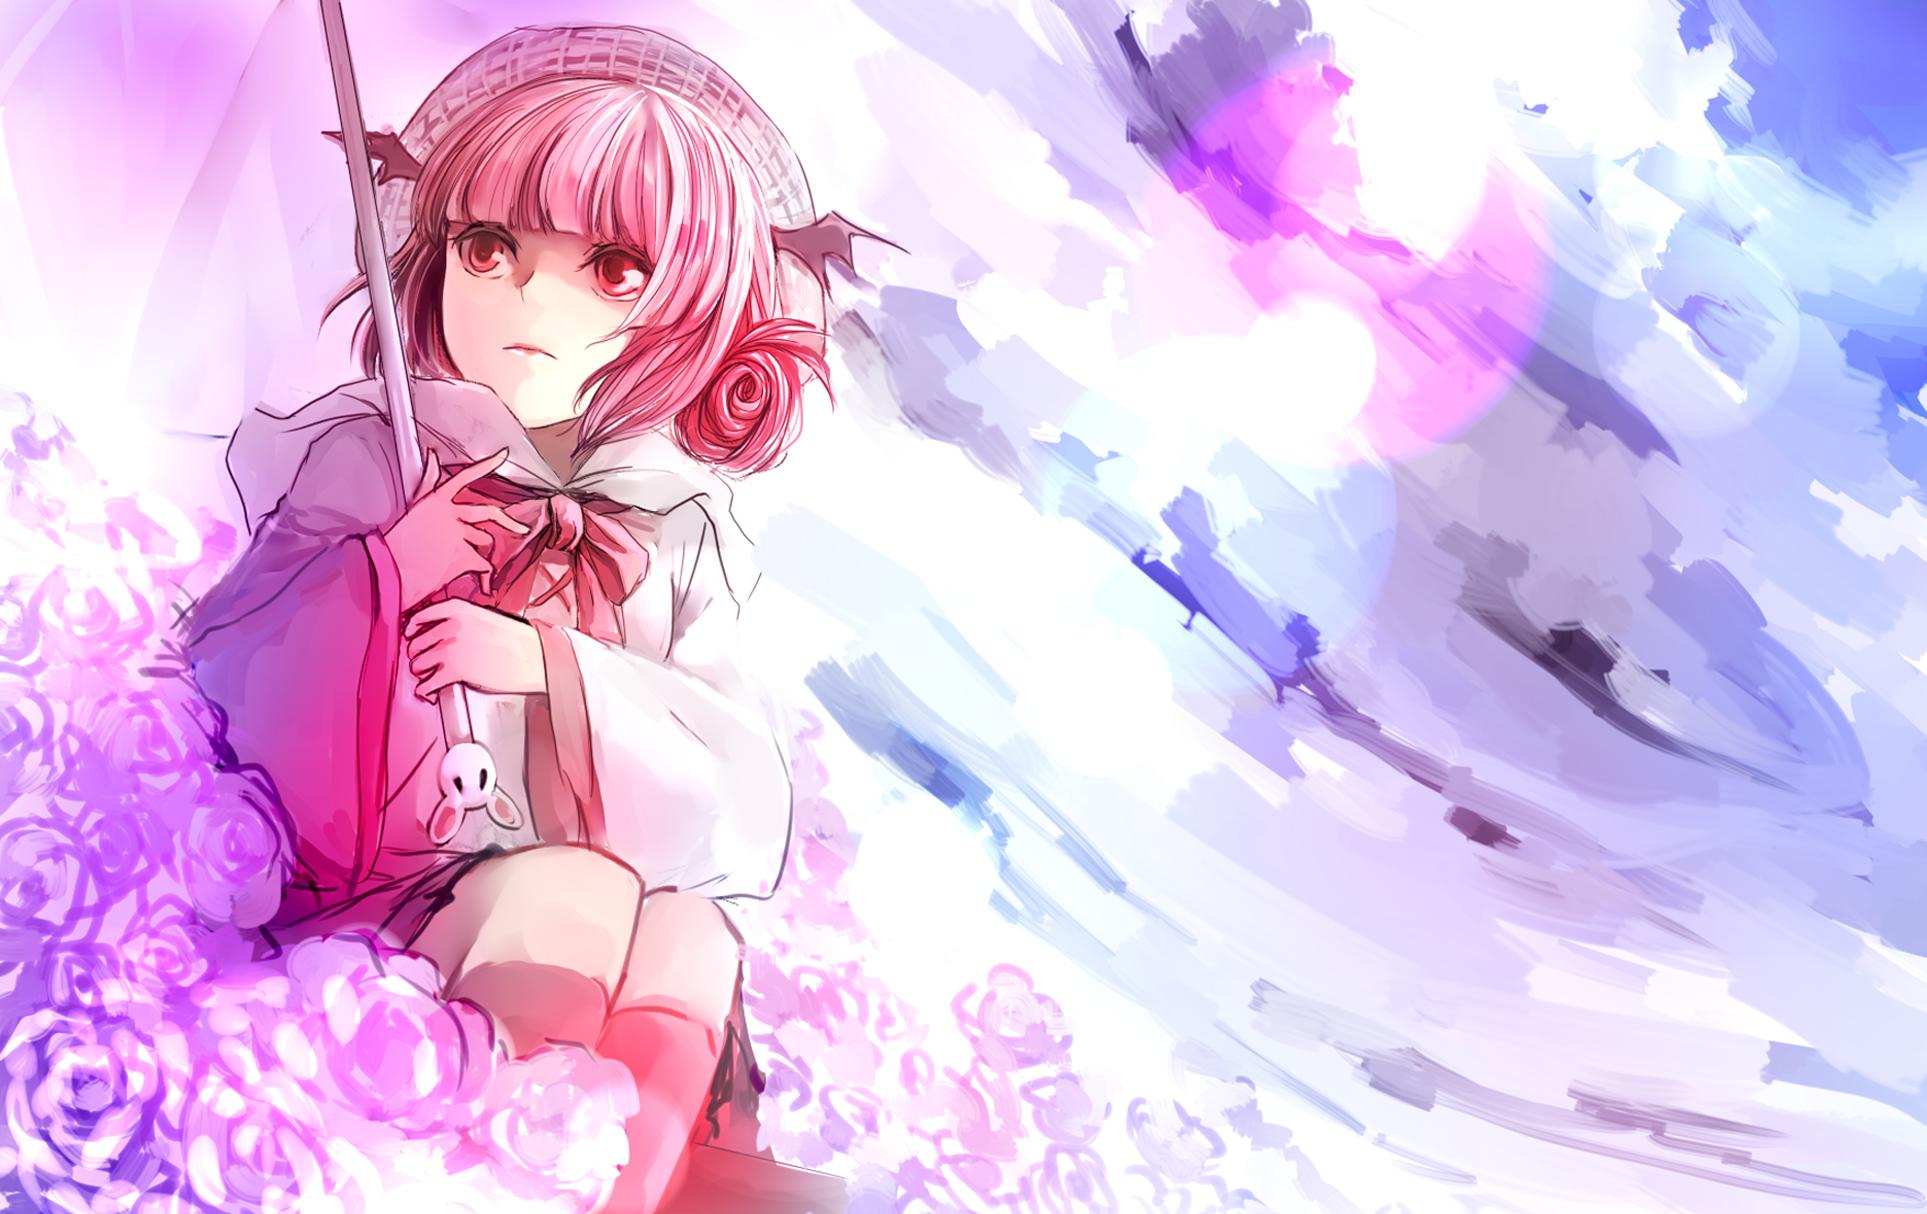 70694 Hintergrundbild herunterladen Mädchen, Blumen, Anime, Kunst, Rosa, Regenschirm - Bildschirmschoner und Bilder kostenlos